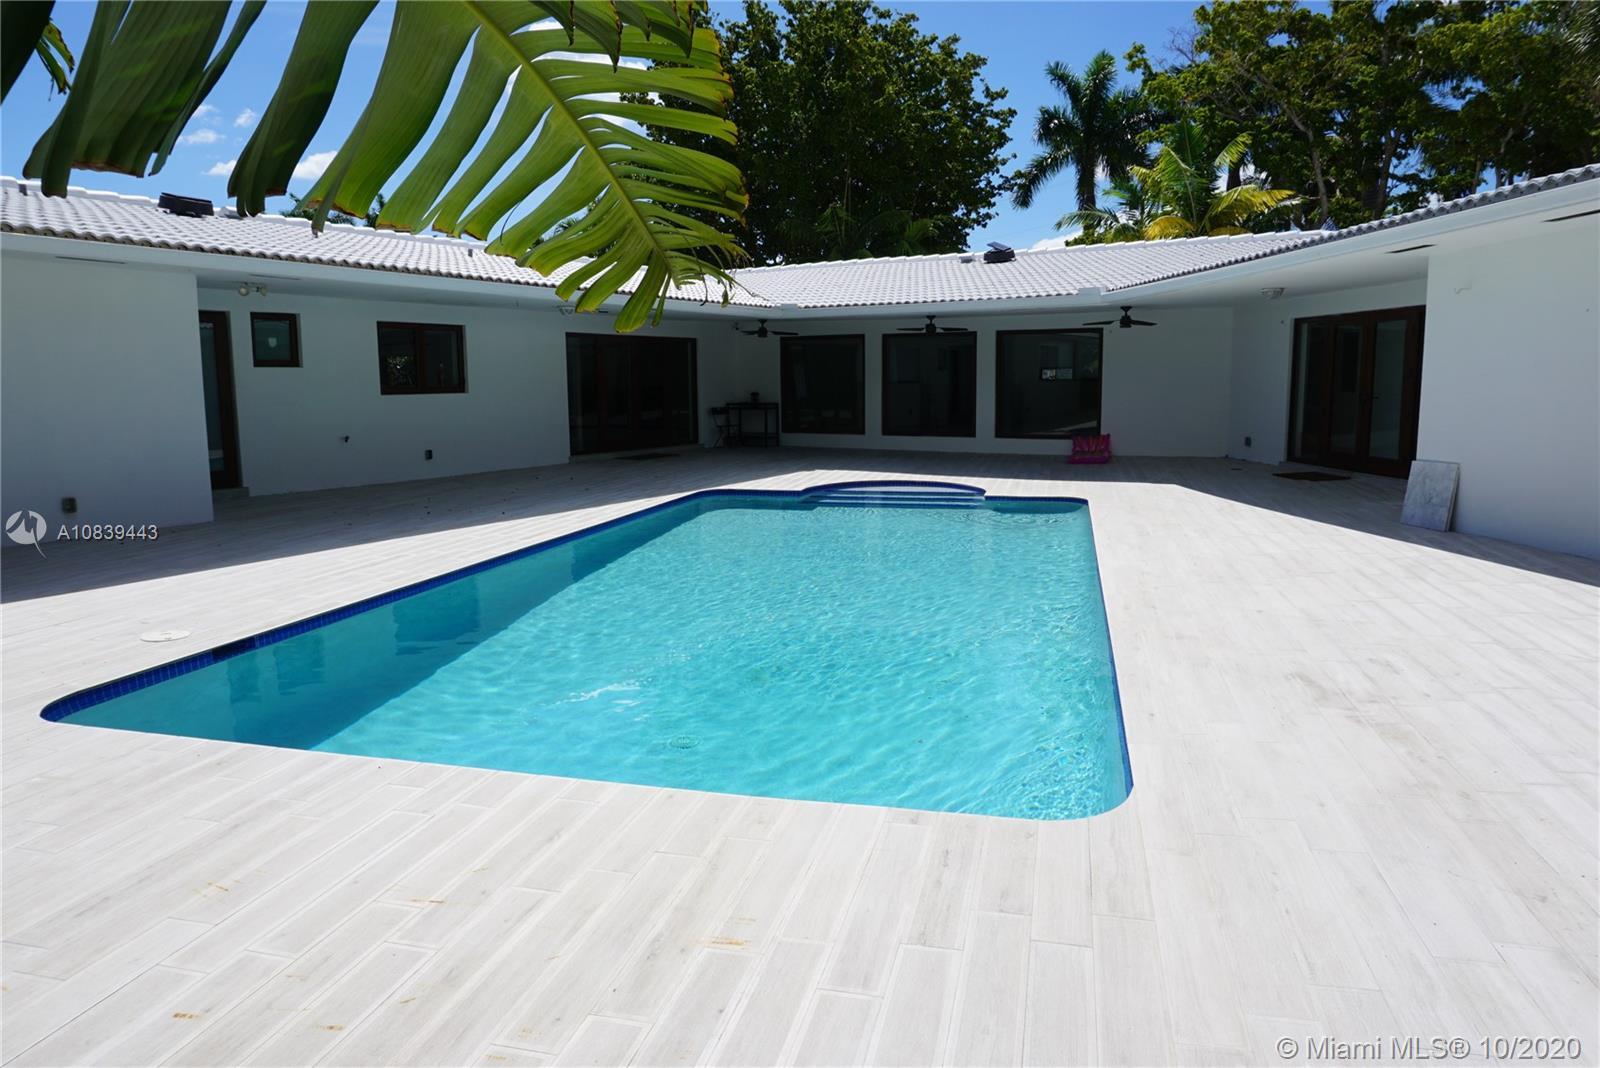 11425 N Bayshore Dr, North Miami, FL 33181